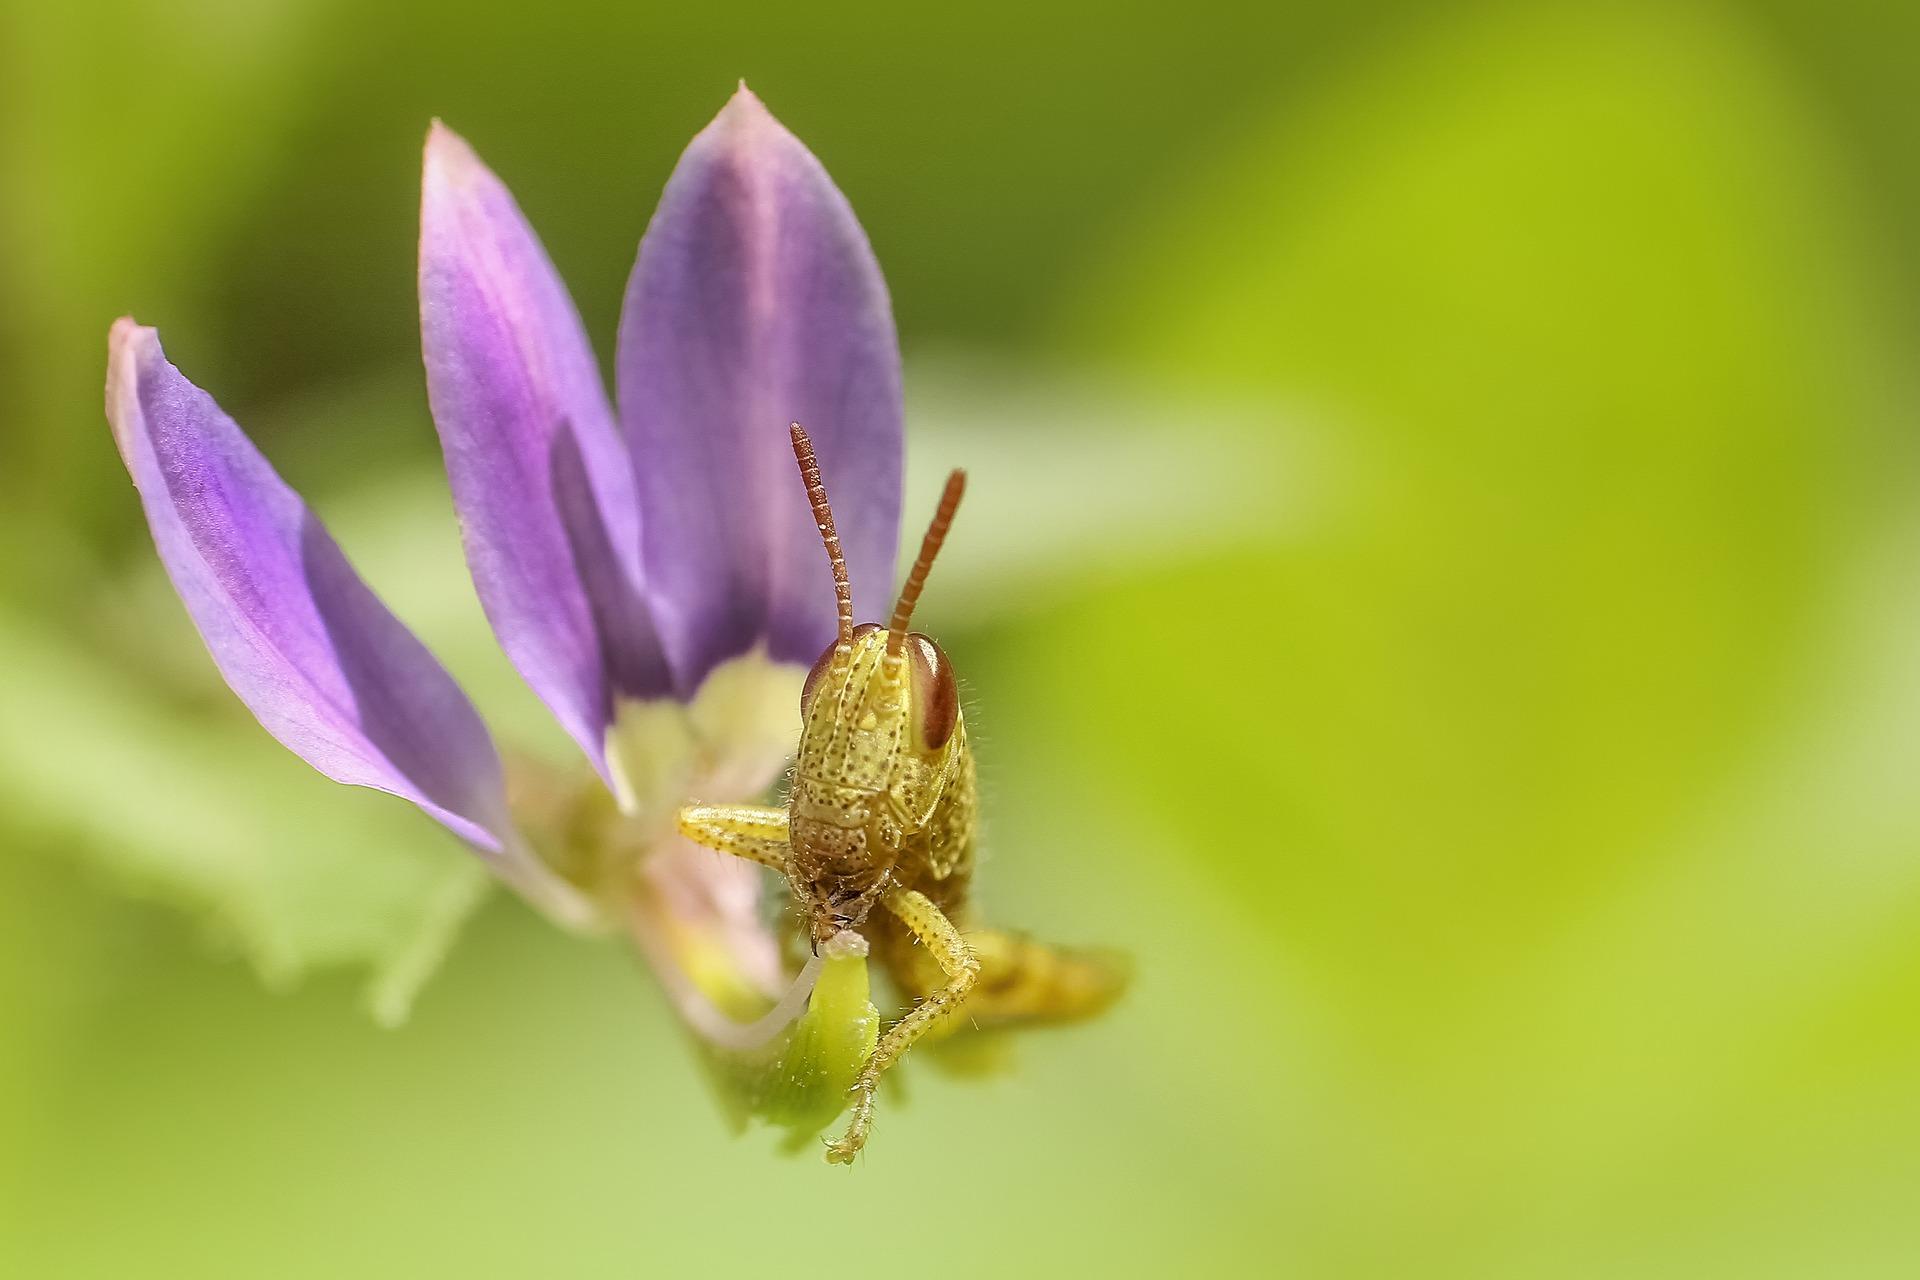 grasshopper-1137243_1920